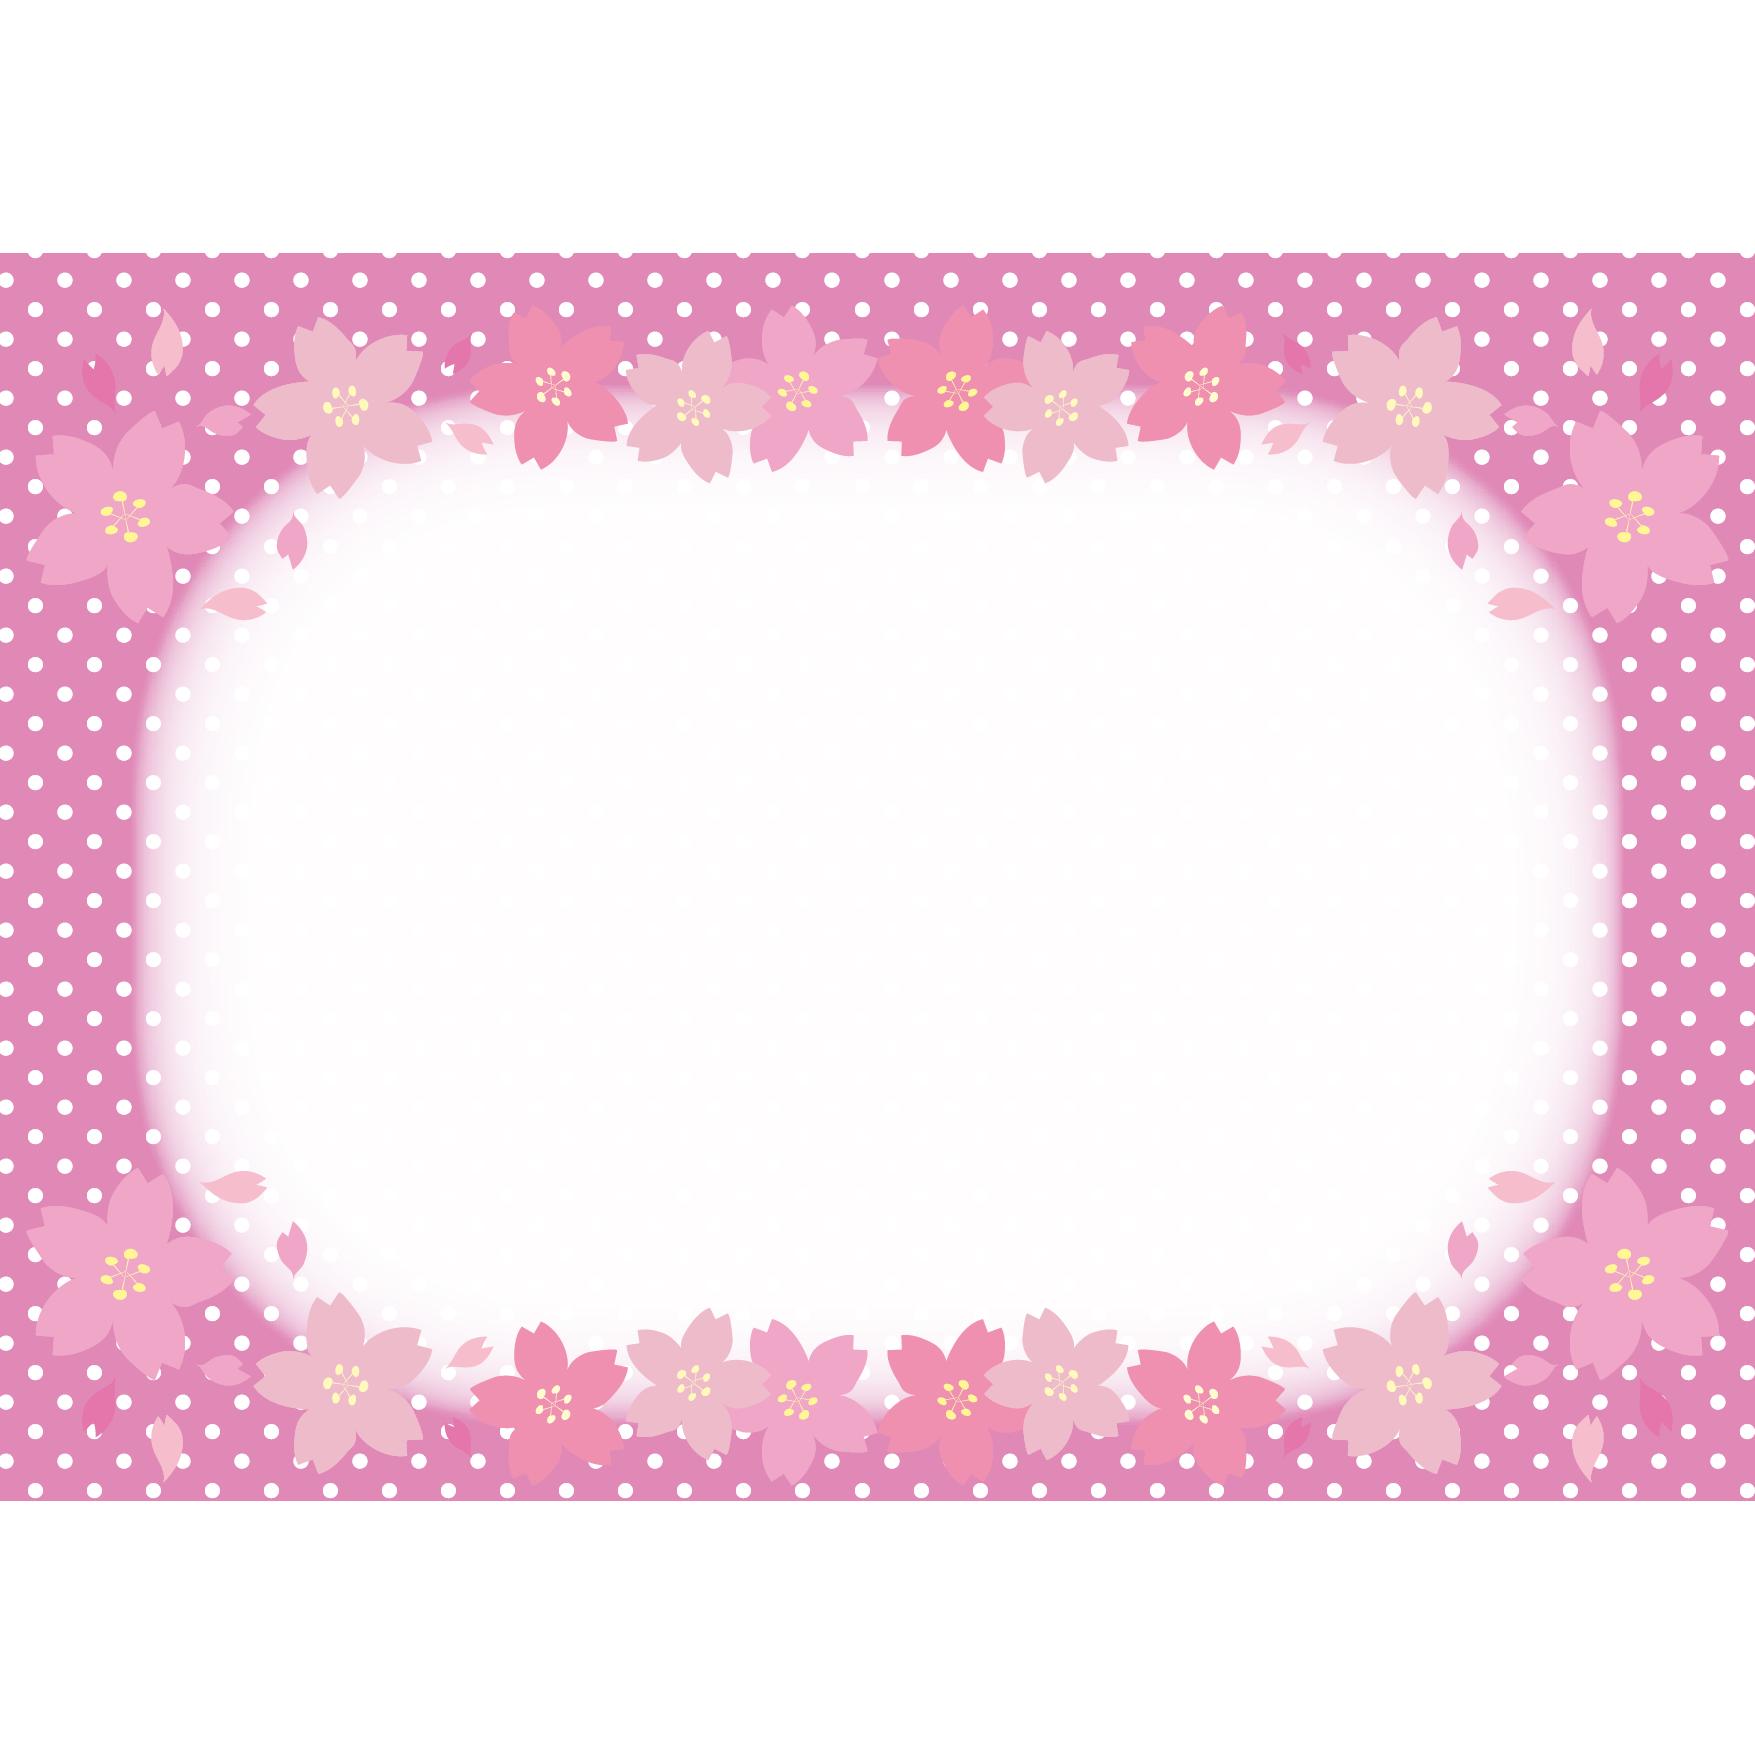 おしゃれな♪桜(サクラ)フレーム・枠のイラスト | 商用フリー(無料